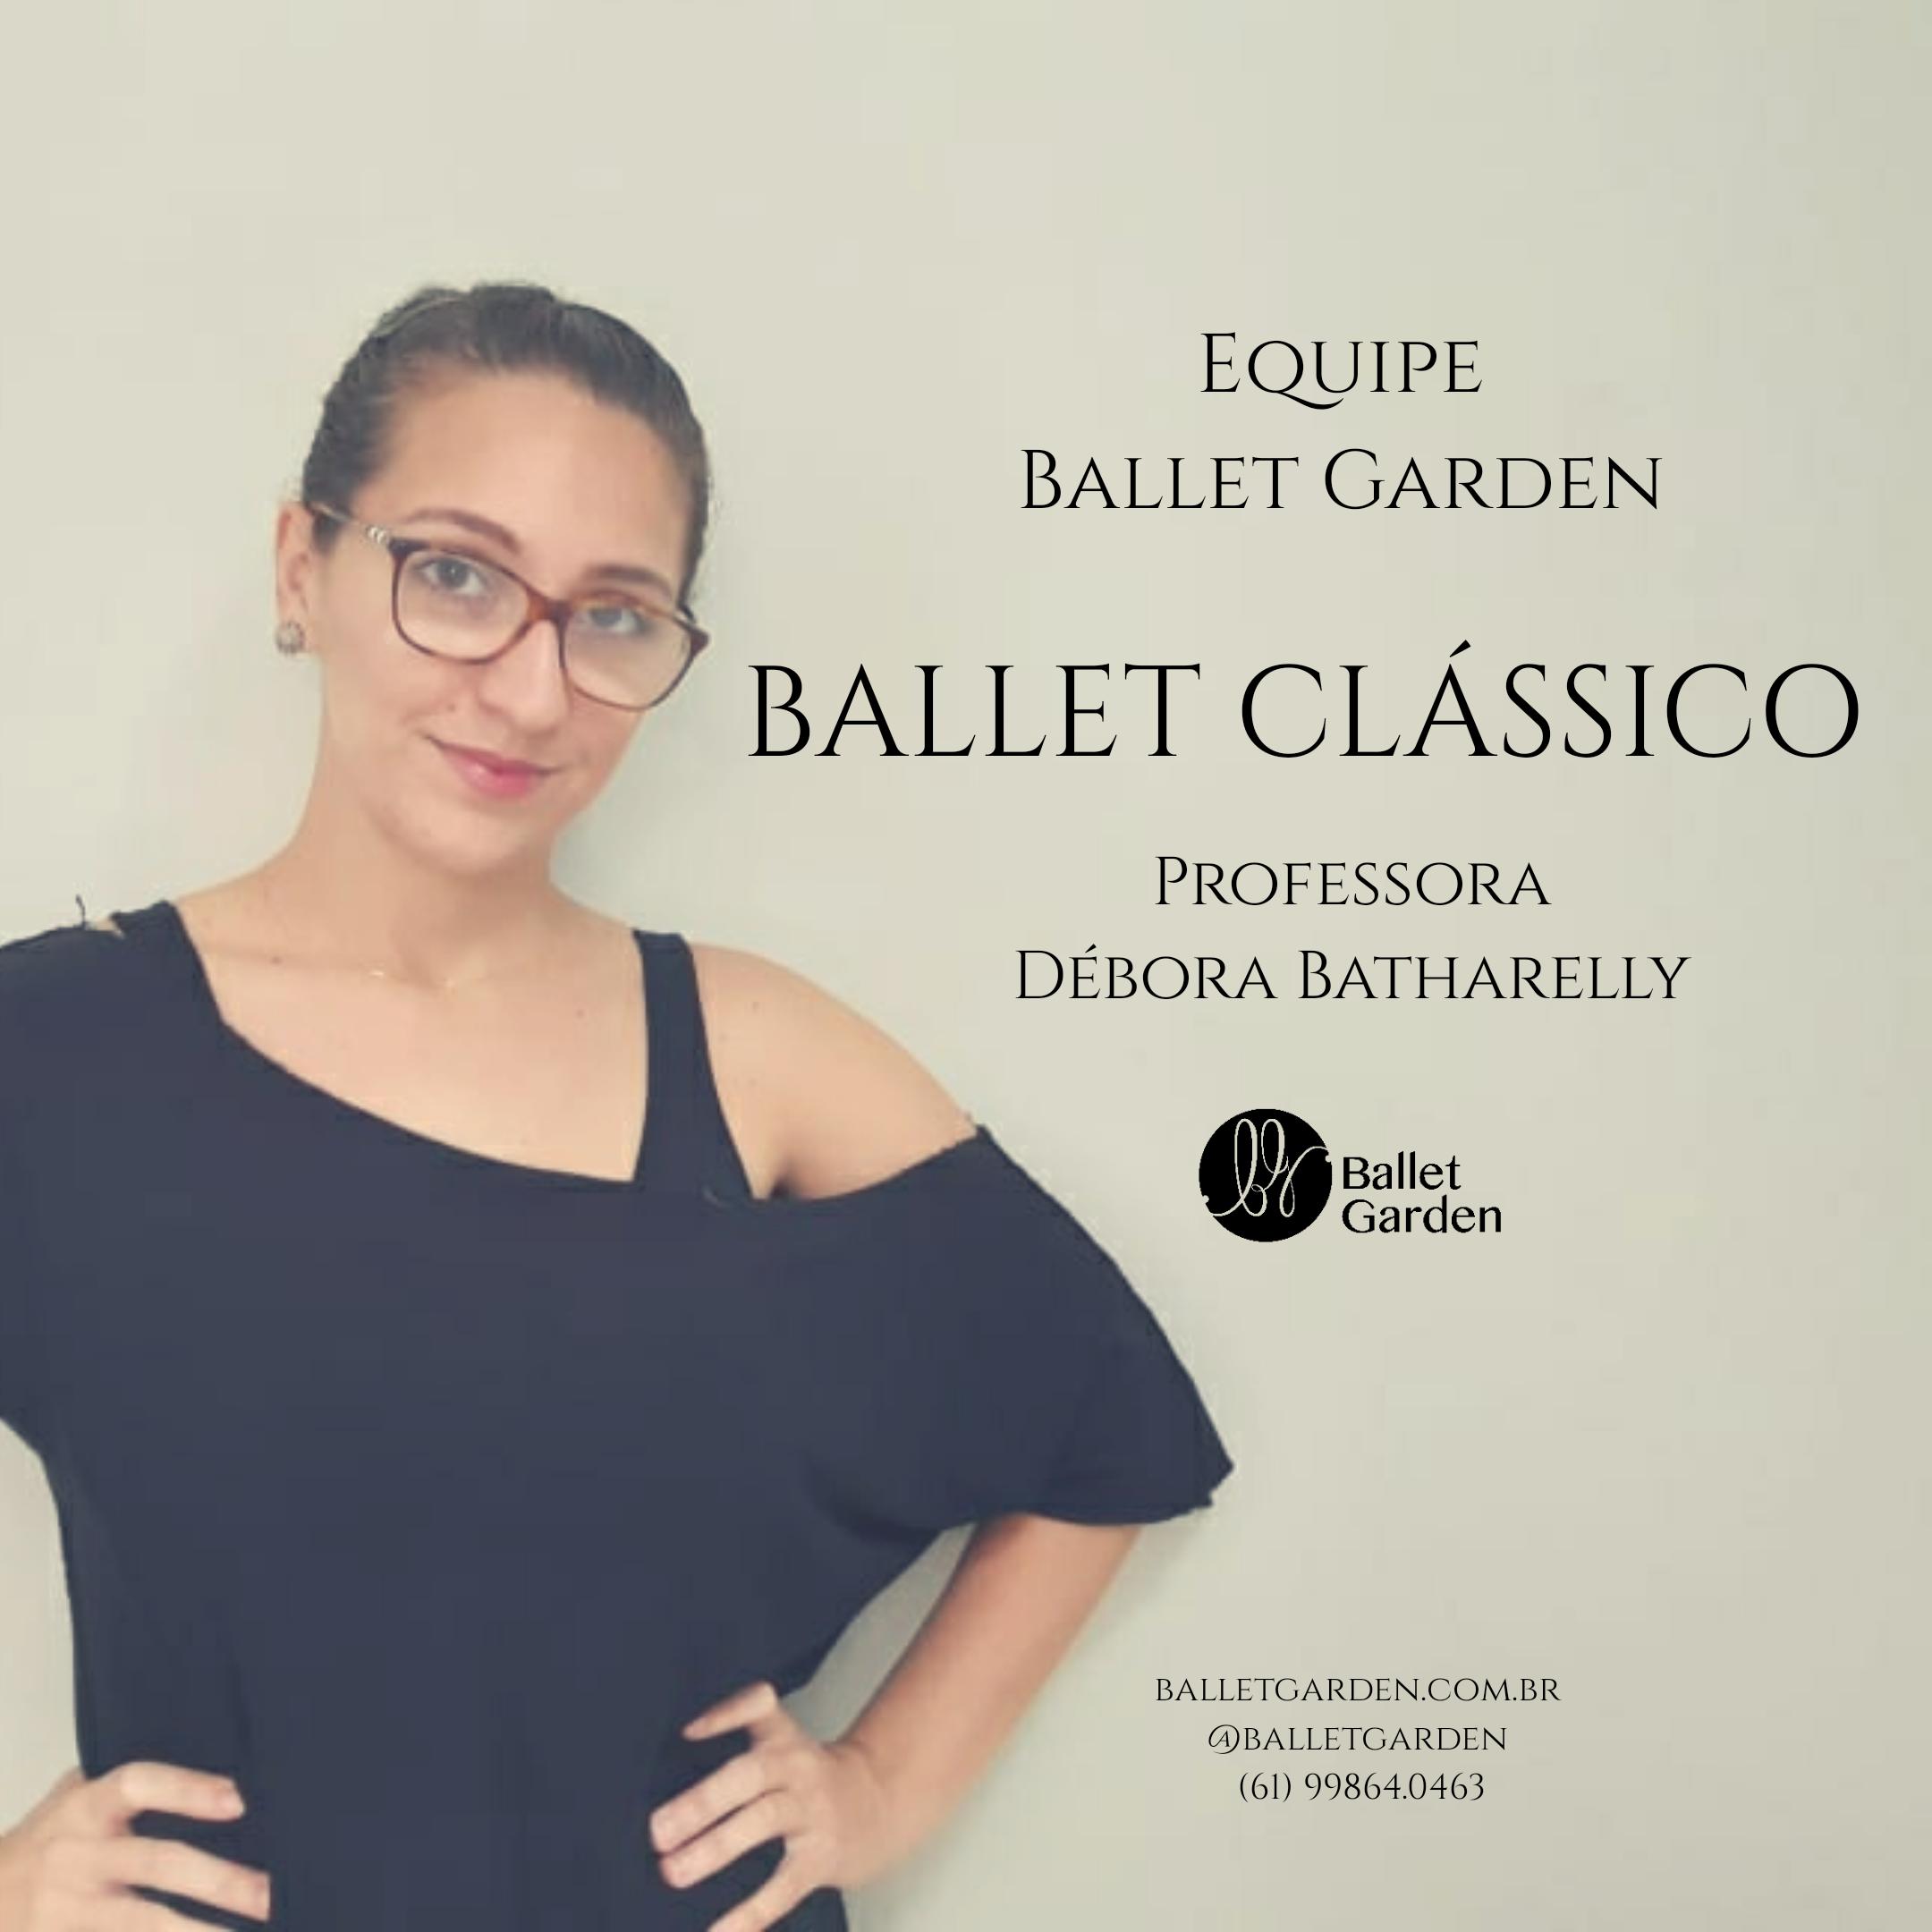 Professora Débora Batharelly